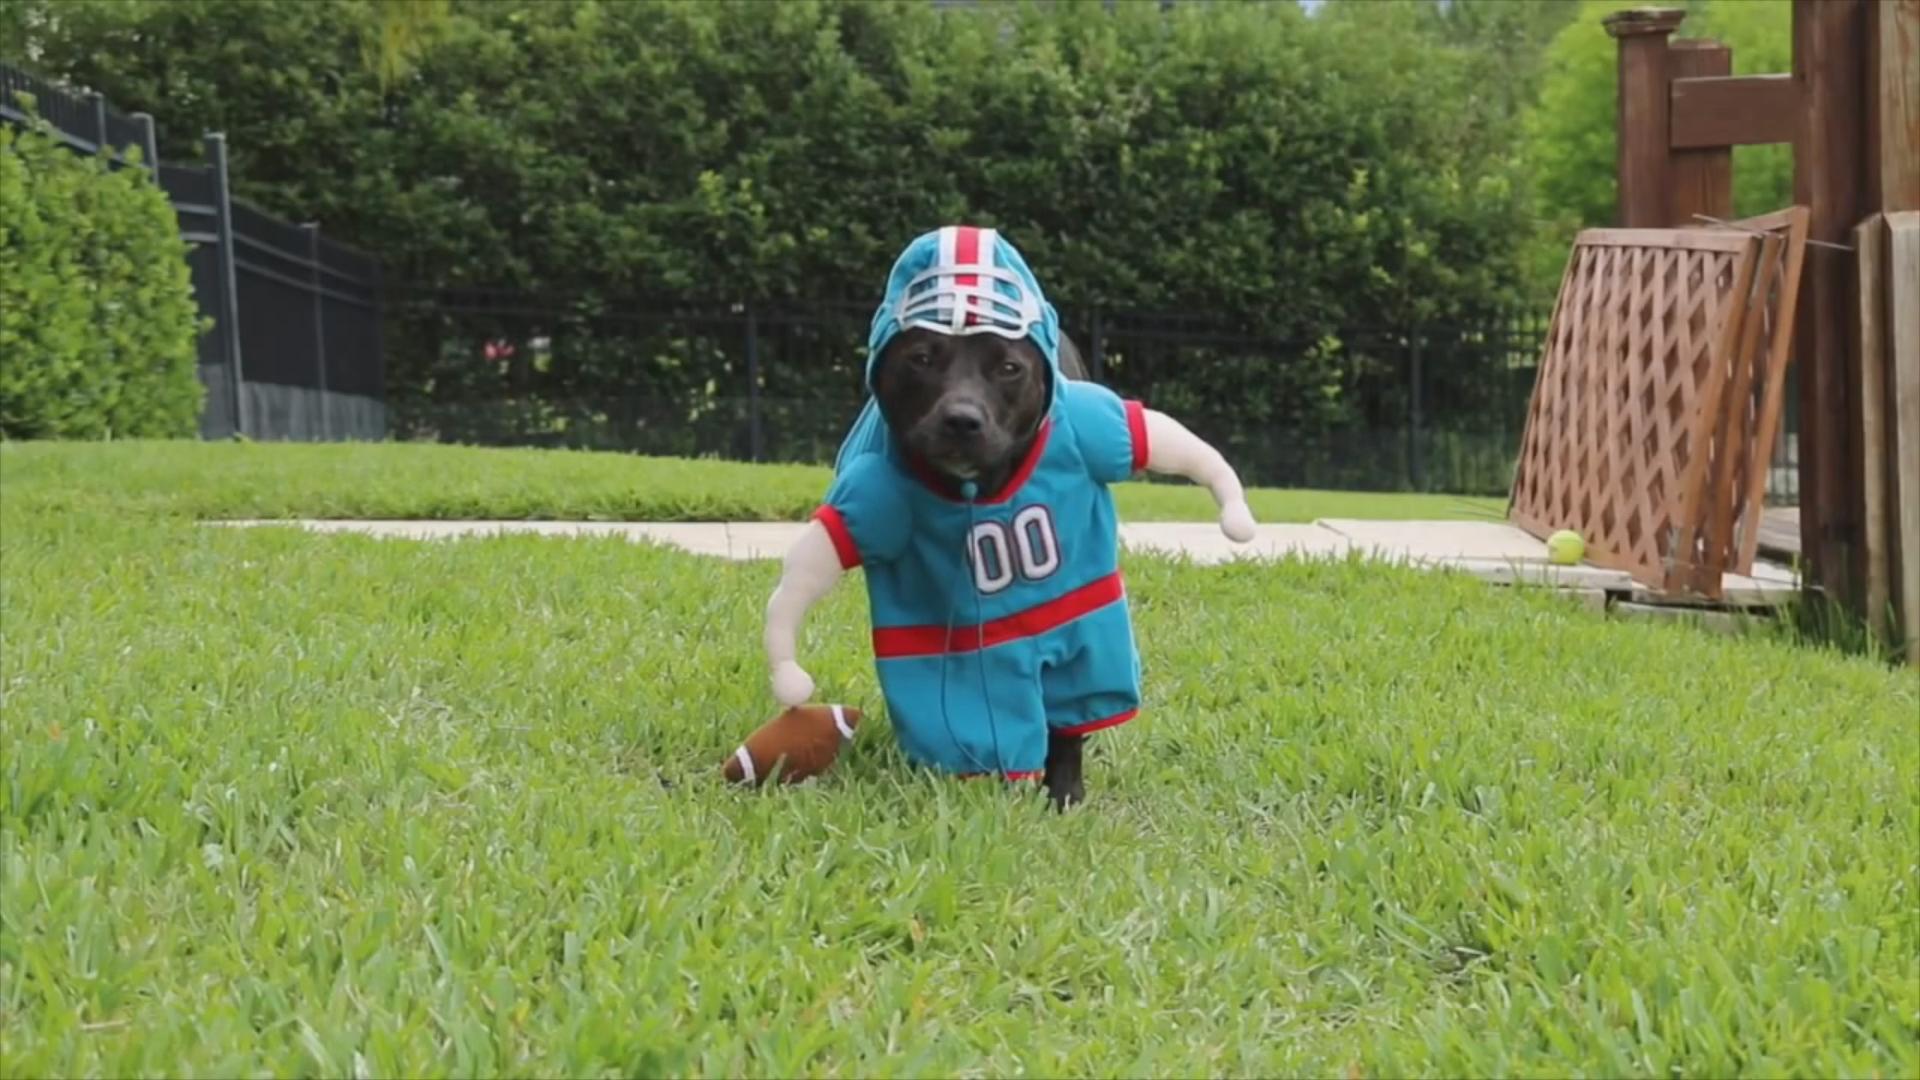 Смешные костюмы для собак гифки